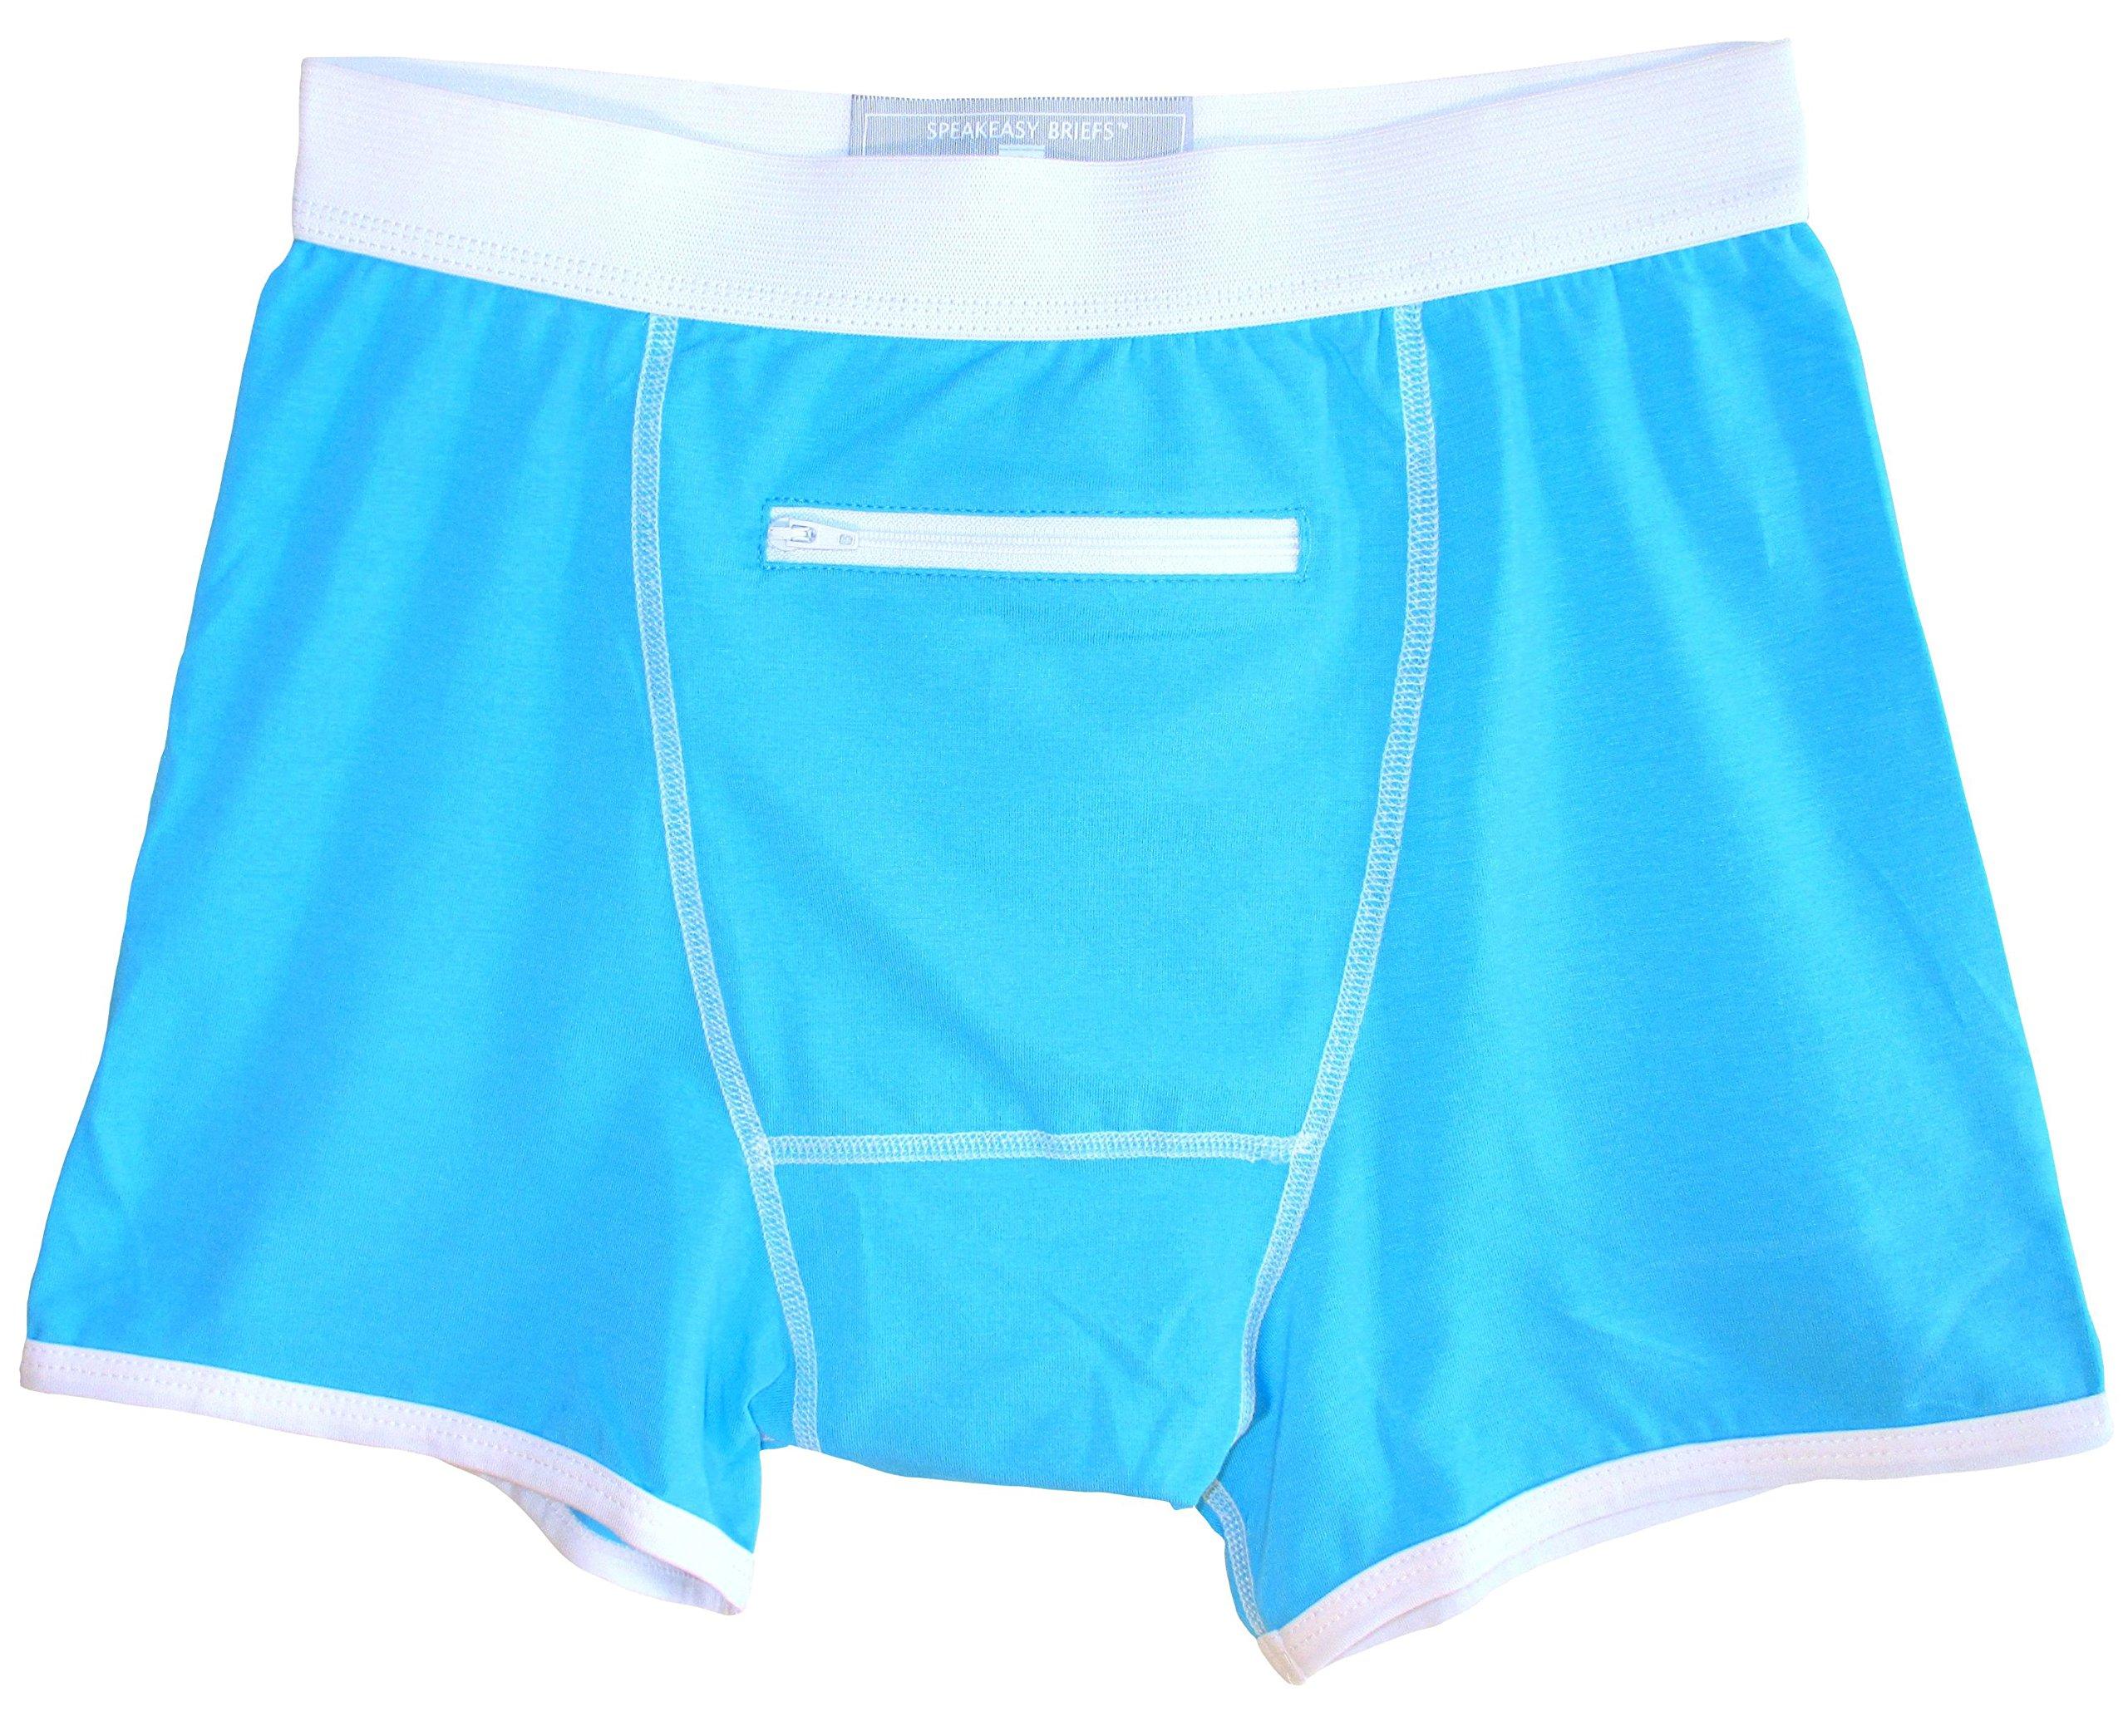 Speakeasy Briefs, Men's Stash Underwear with a Secret Front Pocket, Medium, Blue